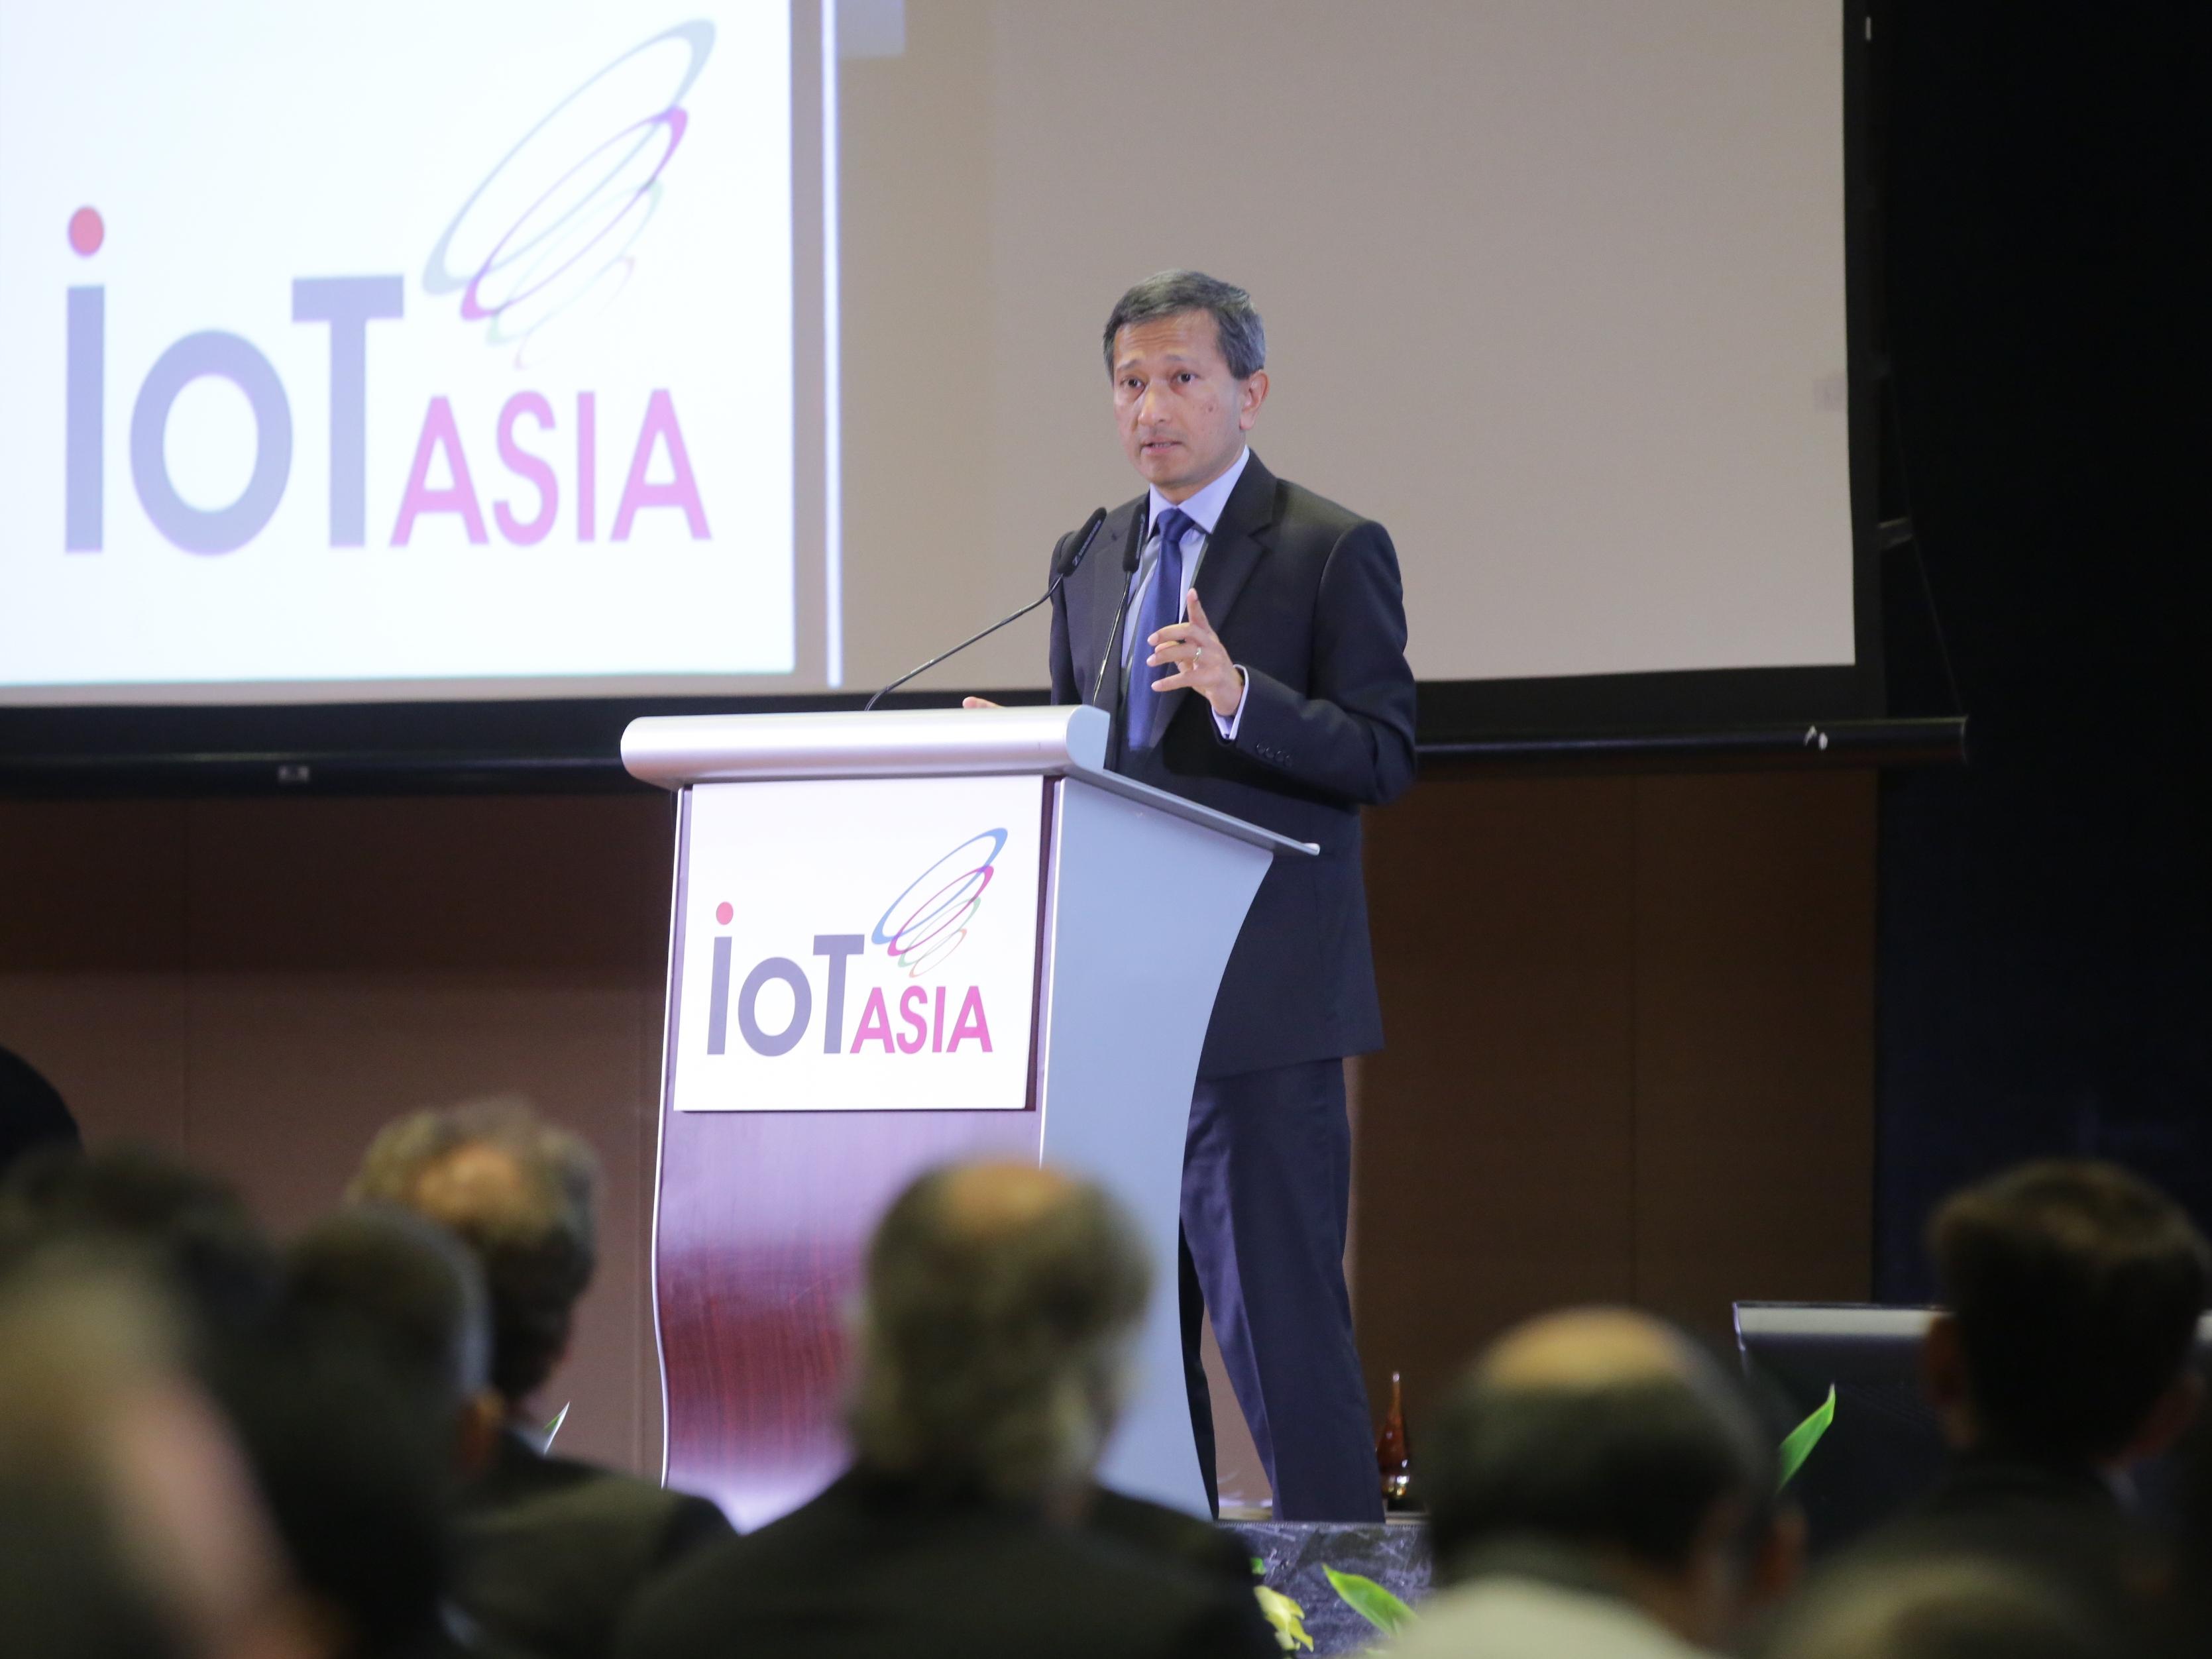 Internet of Things Asia 2016 underway